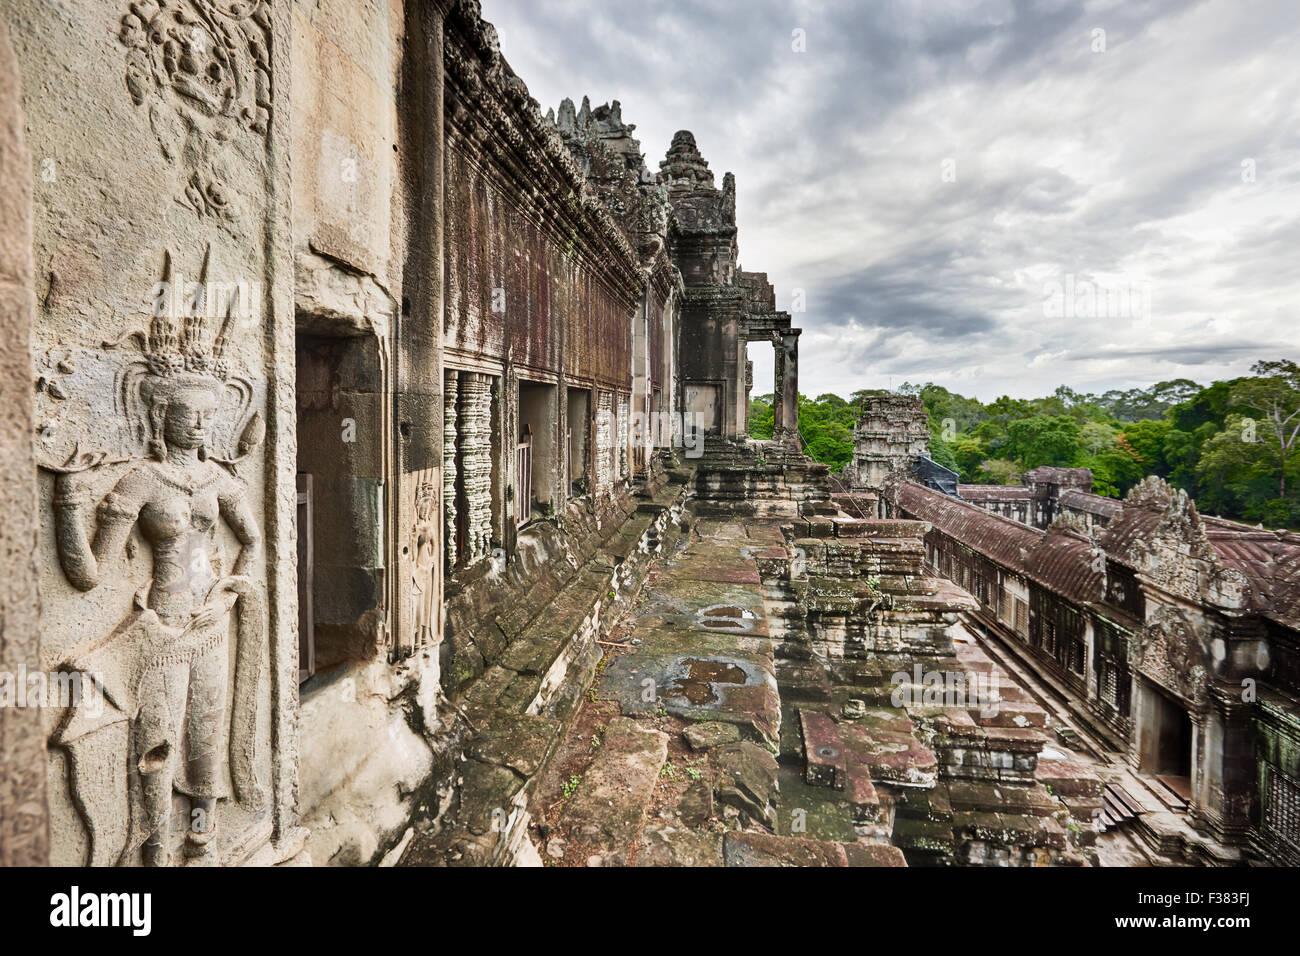 Vista dall'alto livello di Angkor Wat. Parco Archeologico di Angkor, Siem Reap Provincia, in Cambogia. Immagini Stock